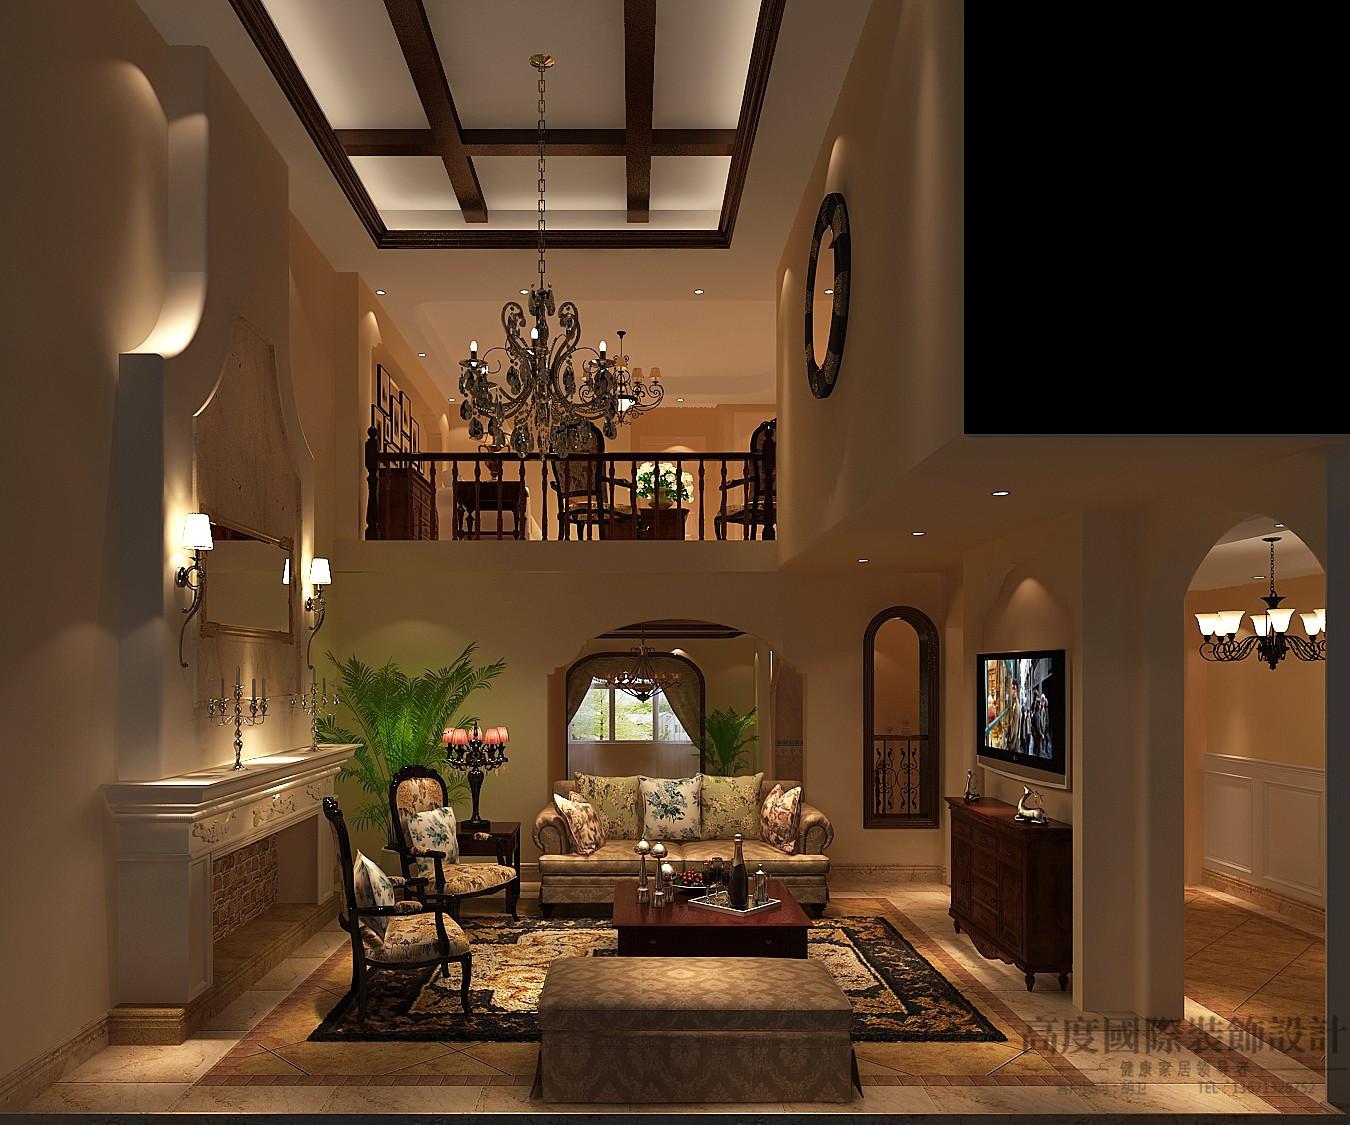 别墅 托斯卡纳 效果图 设计案例 客厅图片来自高度国际设计装饰在阿凯笛亚托斯卡纳设计案例的分享